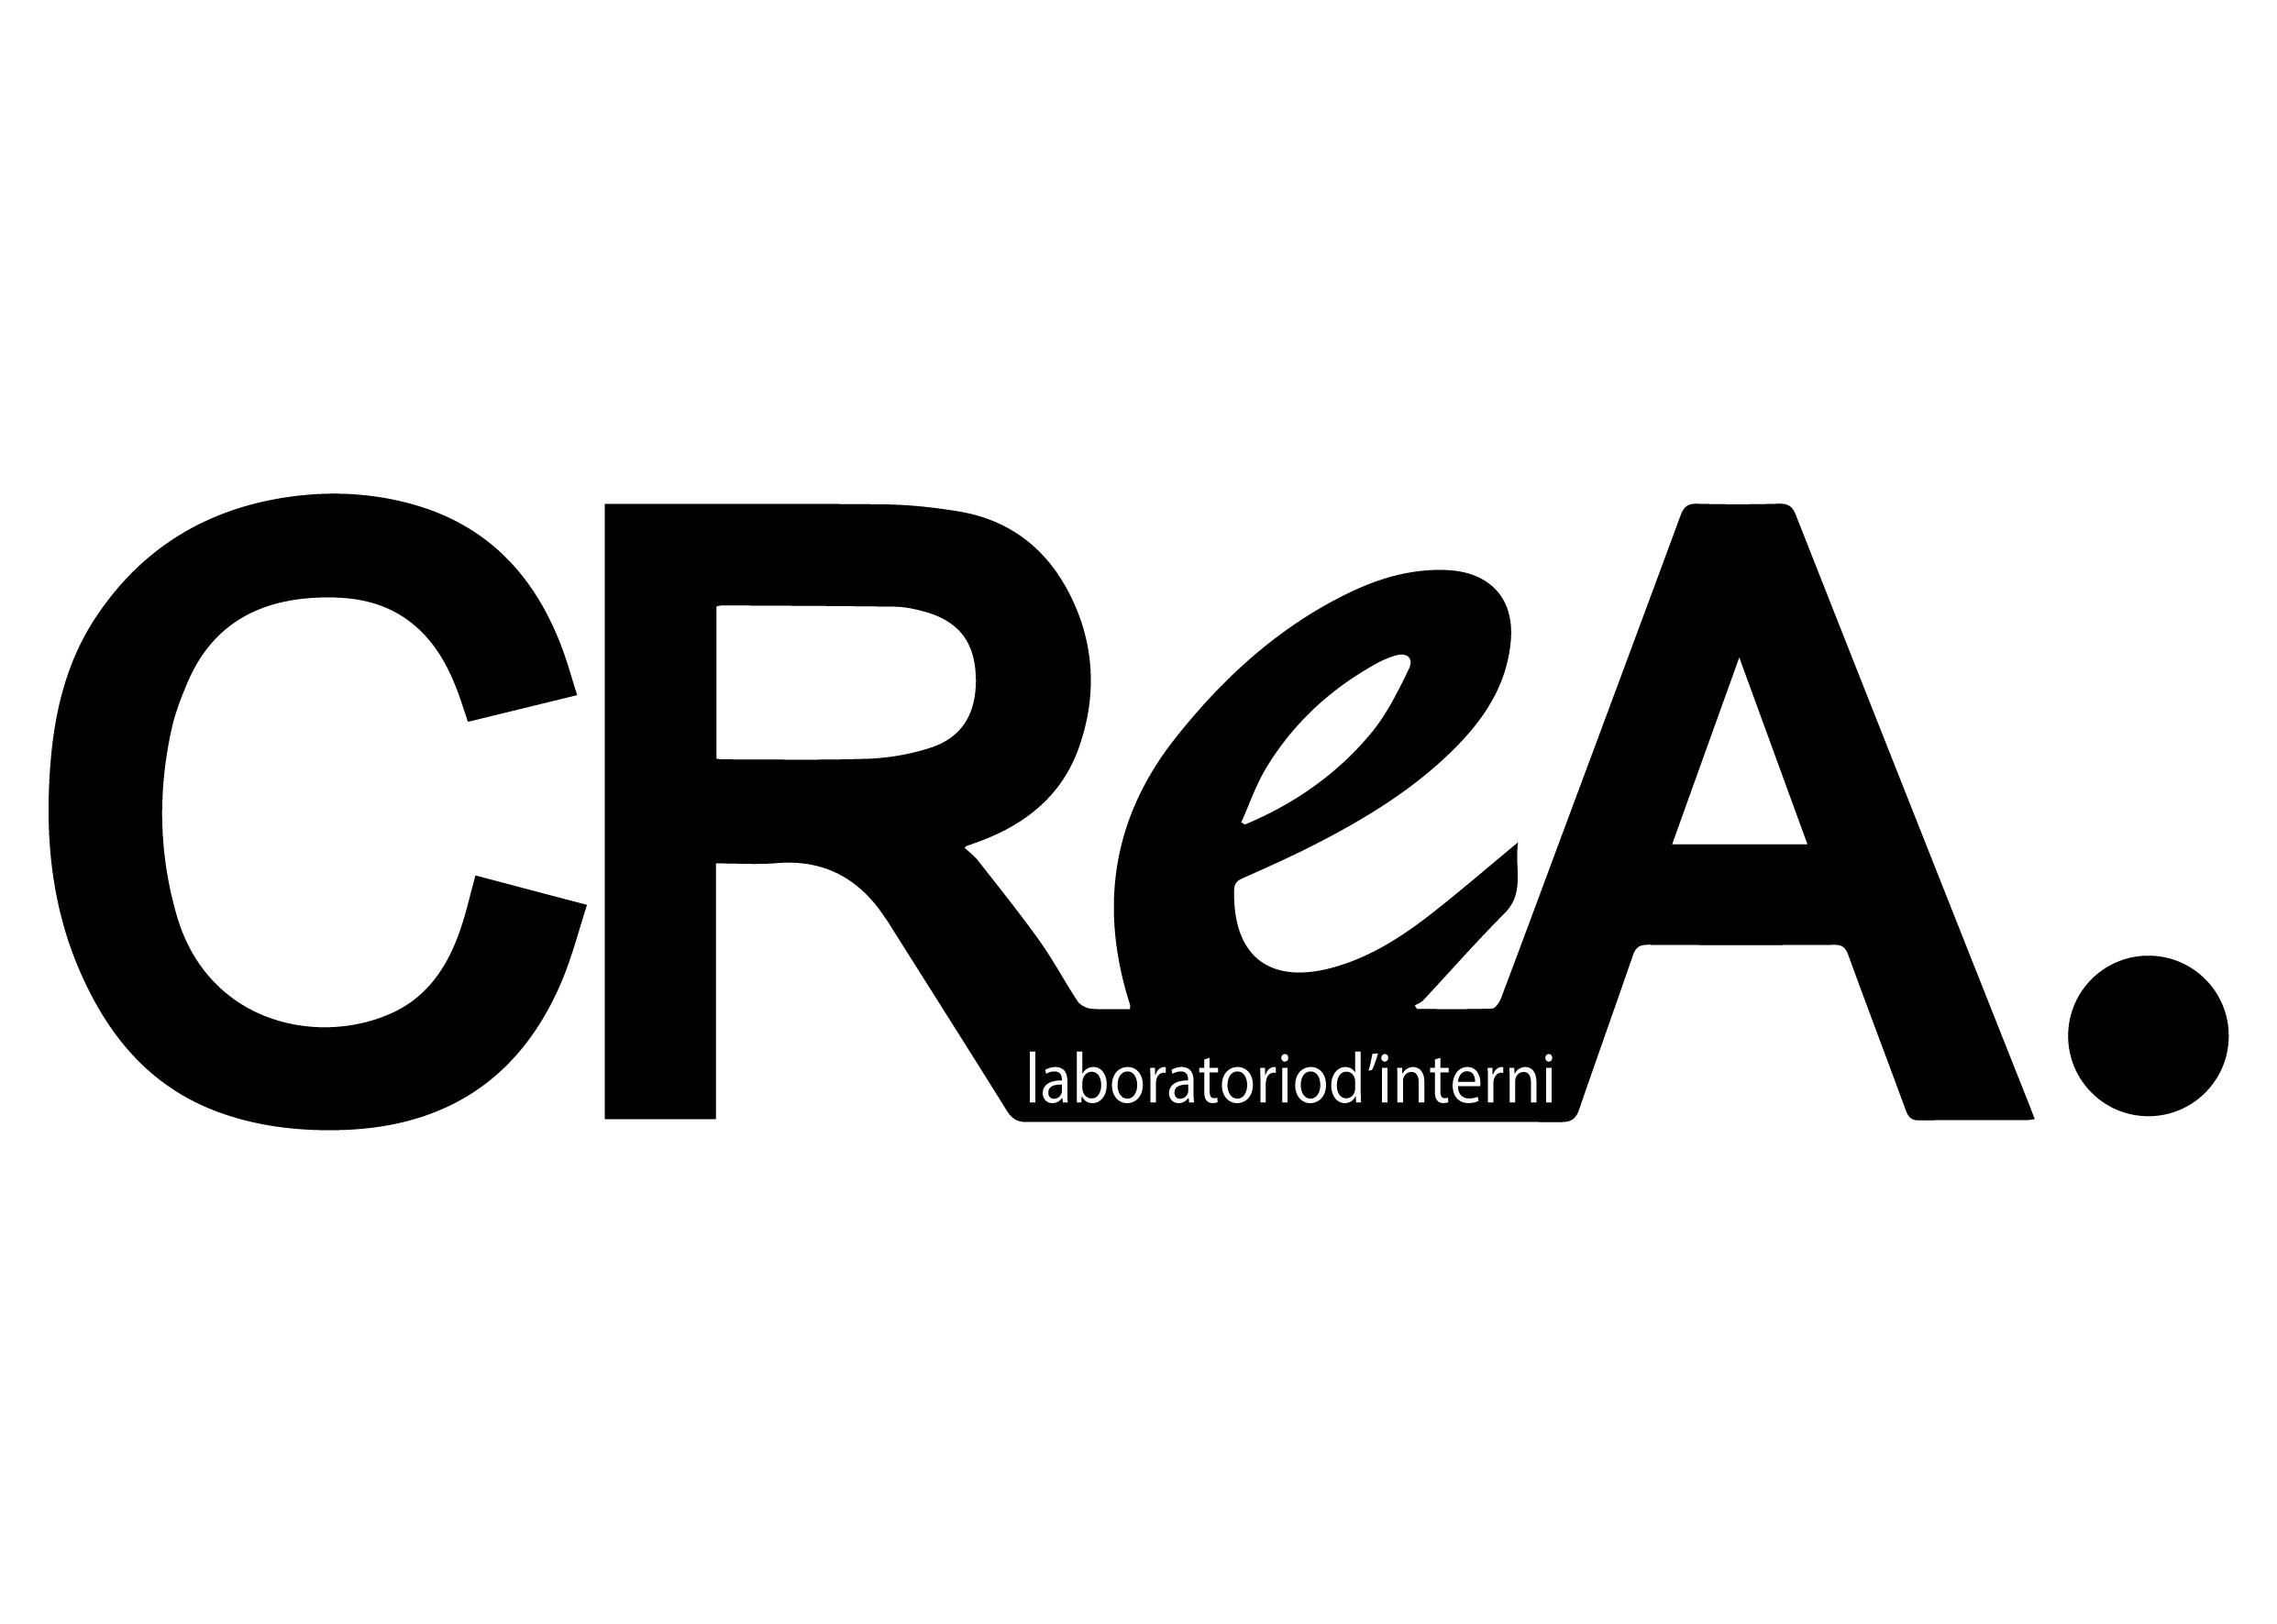 Crea Laboratori Interni - Sponsor - Reload Soundfestival